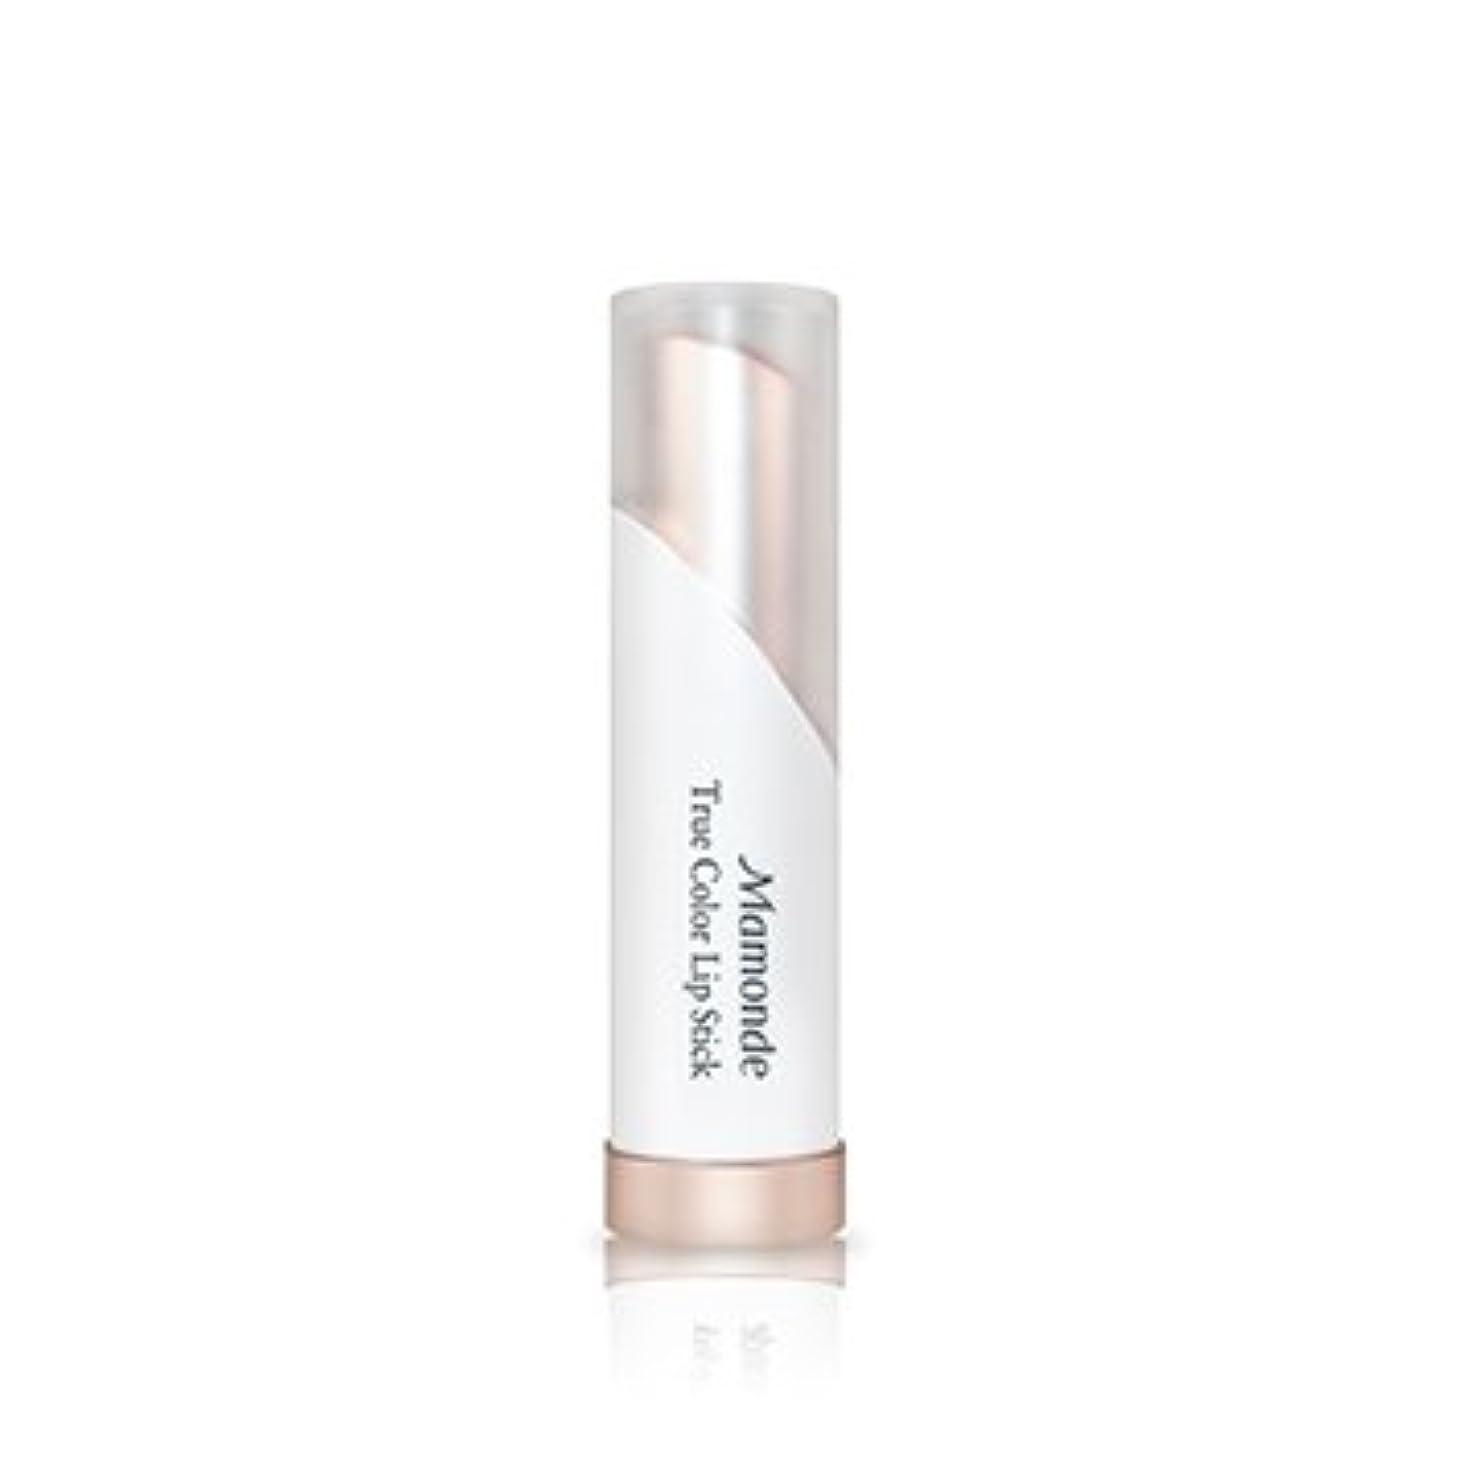 役員タクト接続詞[New] Mamonde True Color Lip Stick 3.5g/マモンド トゥルー カラー リップスティック 3.5g (#10 Happy Orange) [並行輸入品]